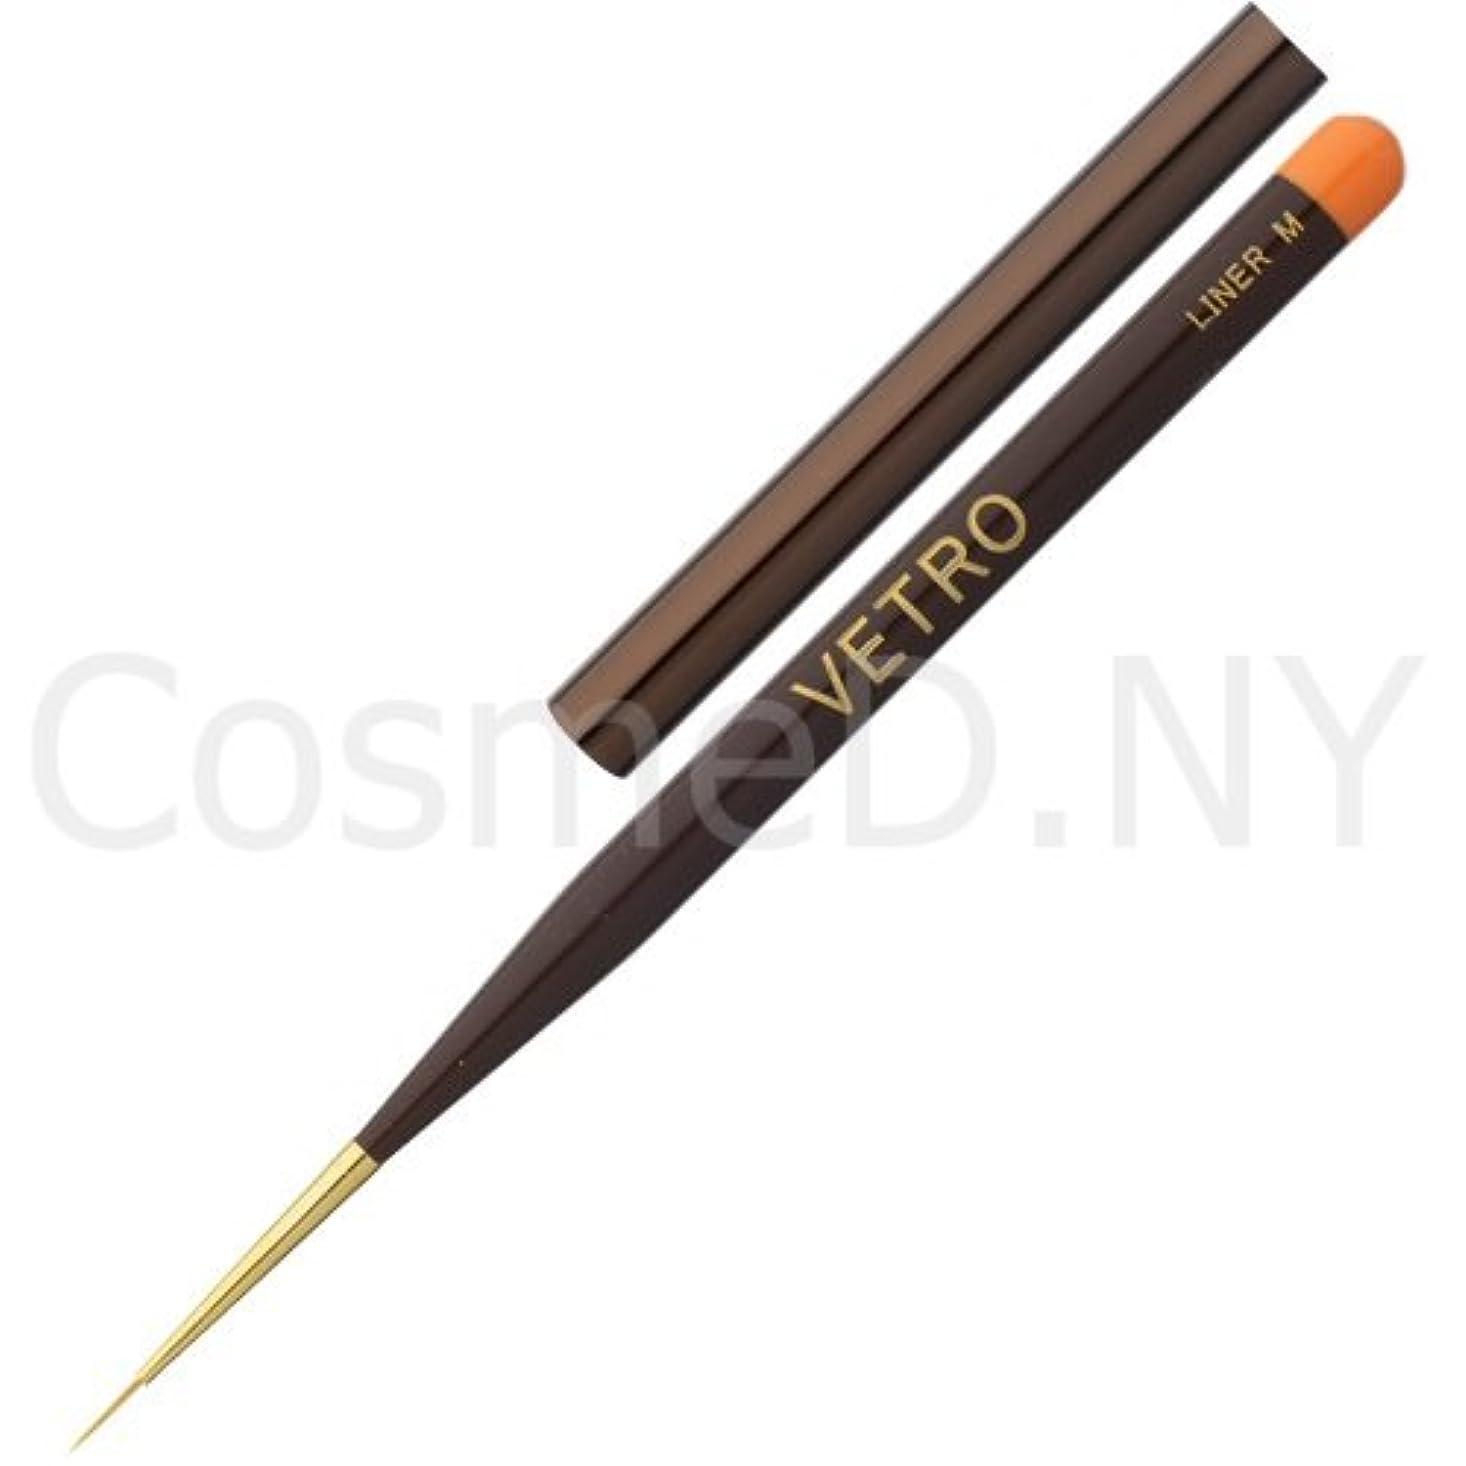 チラチラするおもちゃ謝るVETRO ジェルブラシ ライナーM 全長:15.2cm ブラシ縦9mm ブラシキャップ付